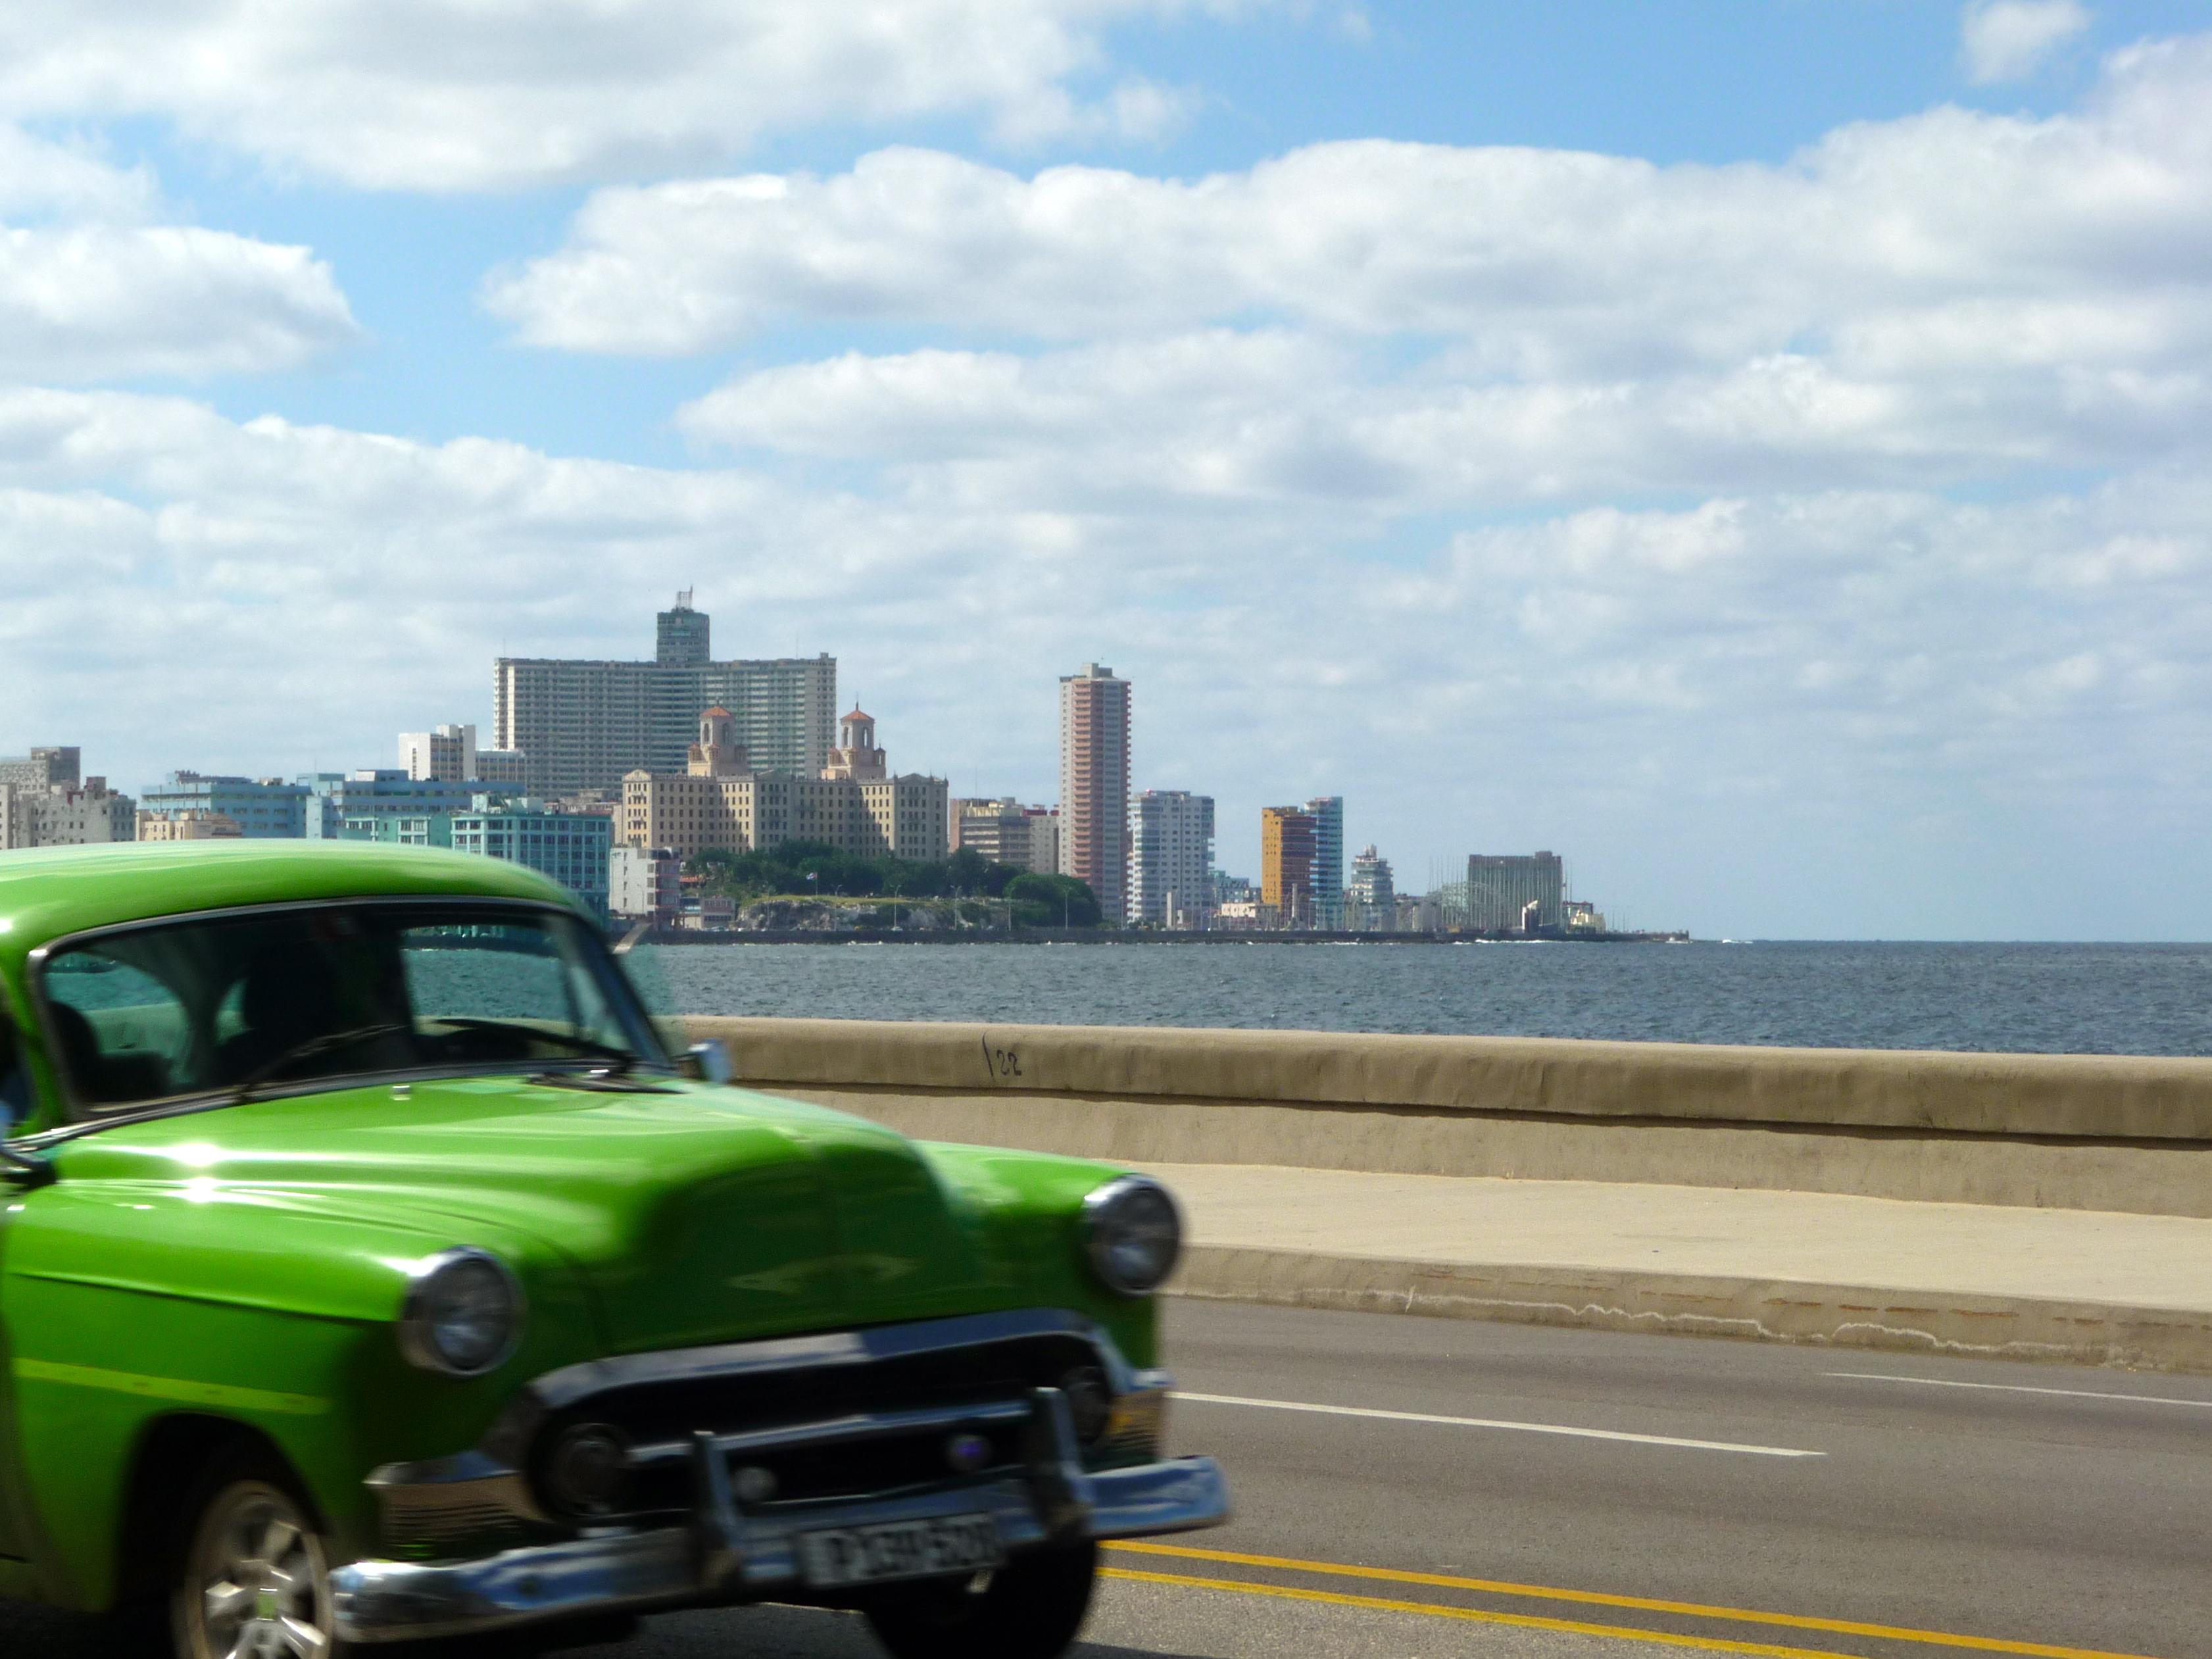 Cuba-Malecon